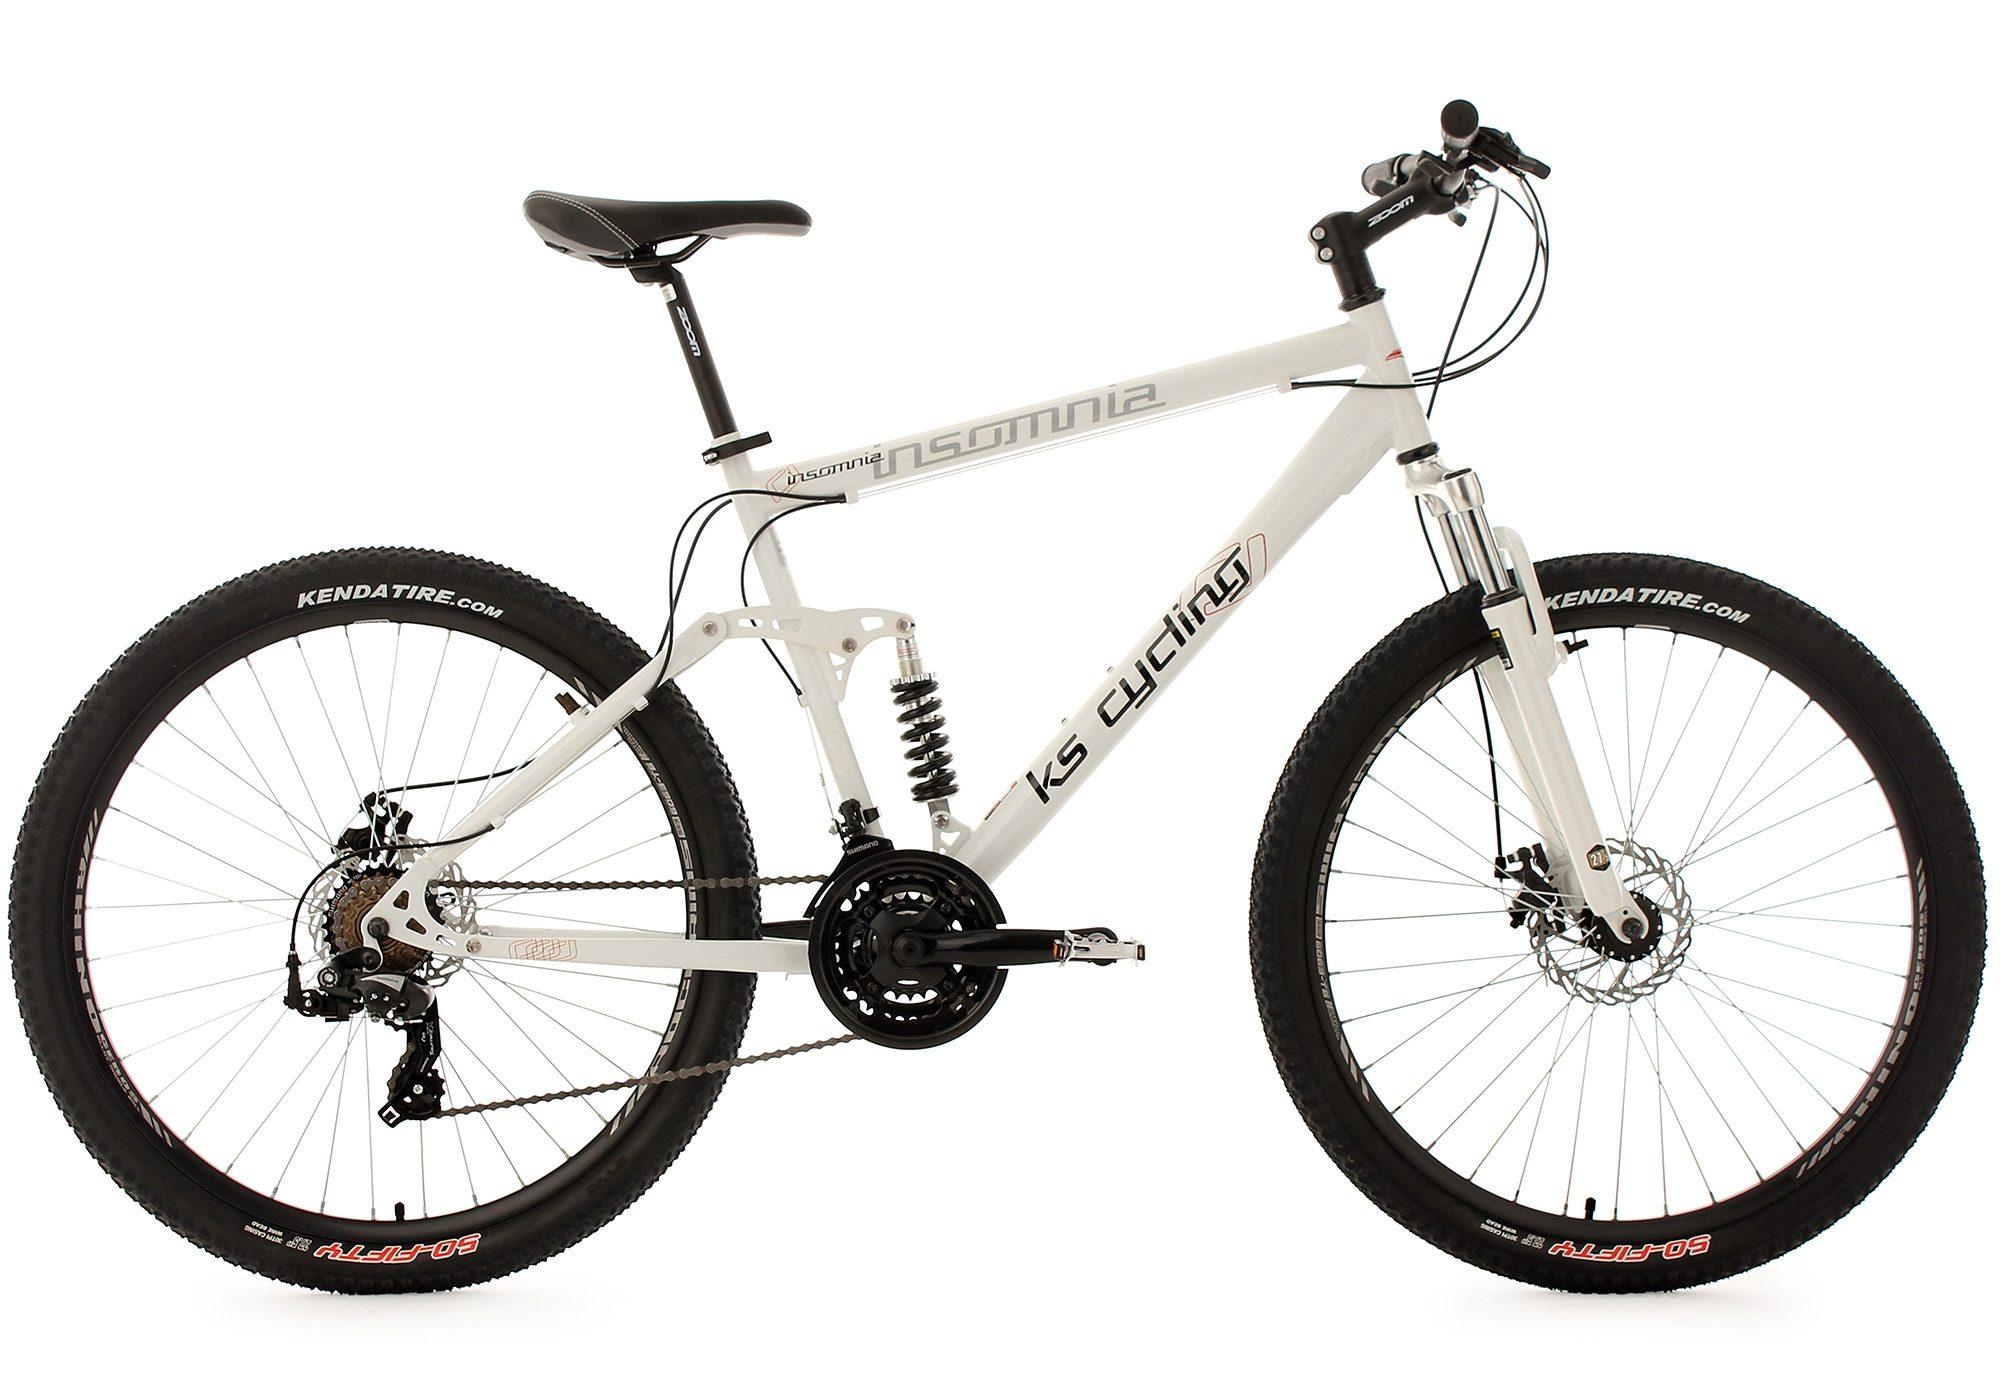 KS Cycling Mountainbike »Insomnia«, 21 Gang Shimano Tourney Schaltwerk, Kettenschaltung